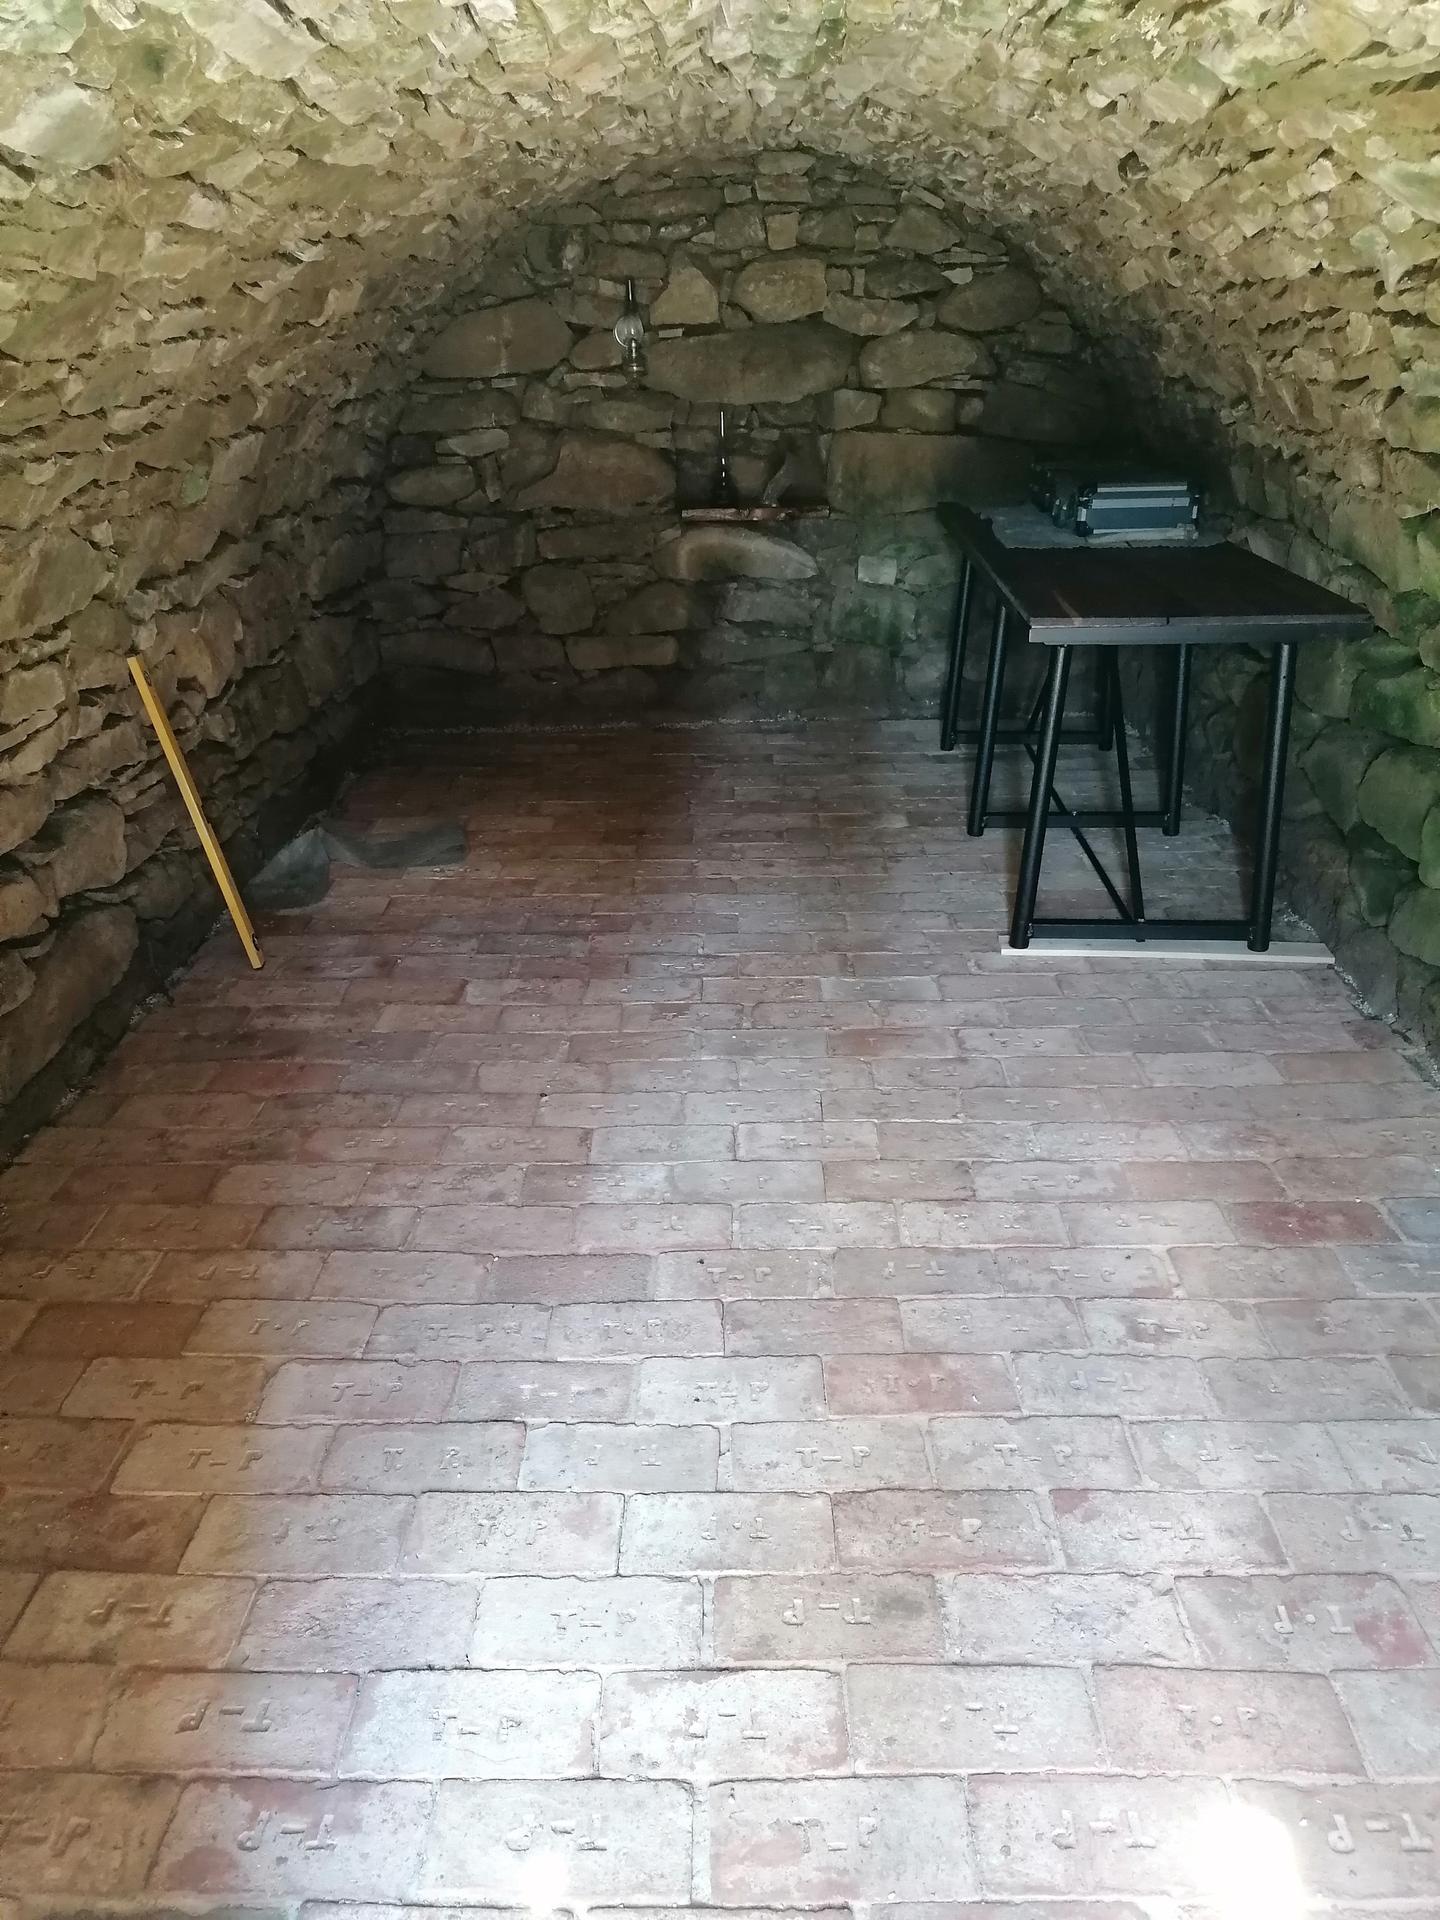 Rekonštrukcia veľmi starej stavby :) - Úžasná atmosféra tejto pivnice... Nová podlaha a ešte treba dozariadit, nejaké tie fľašky vínka 😊